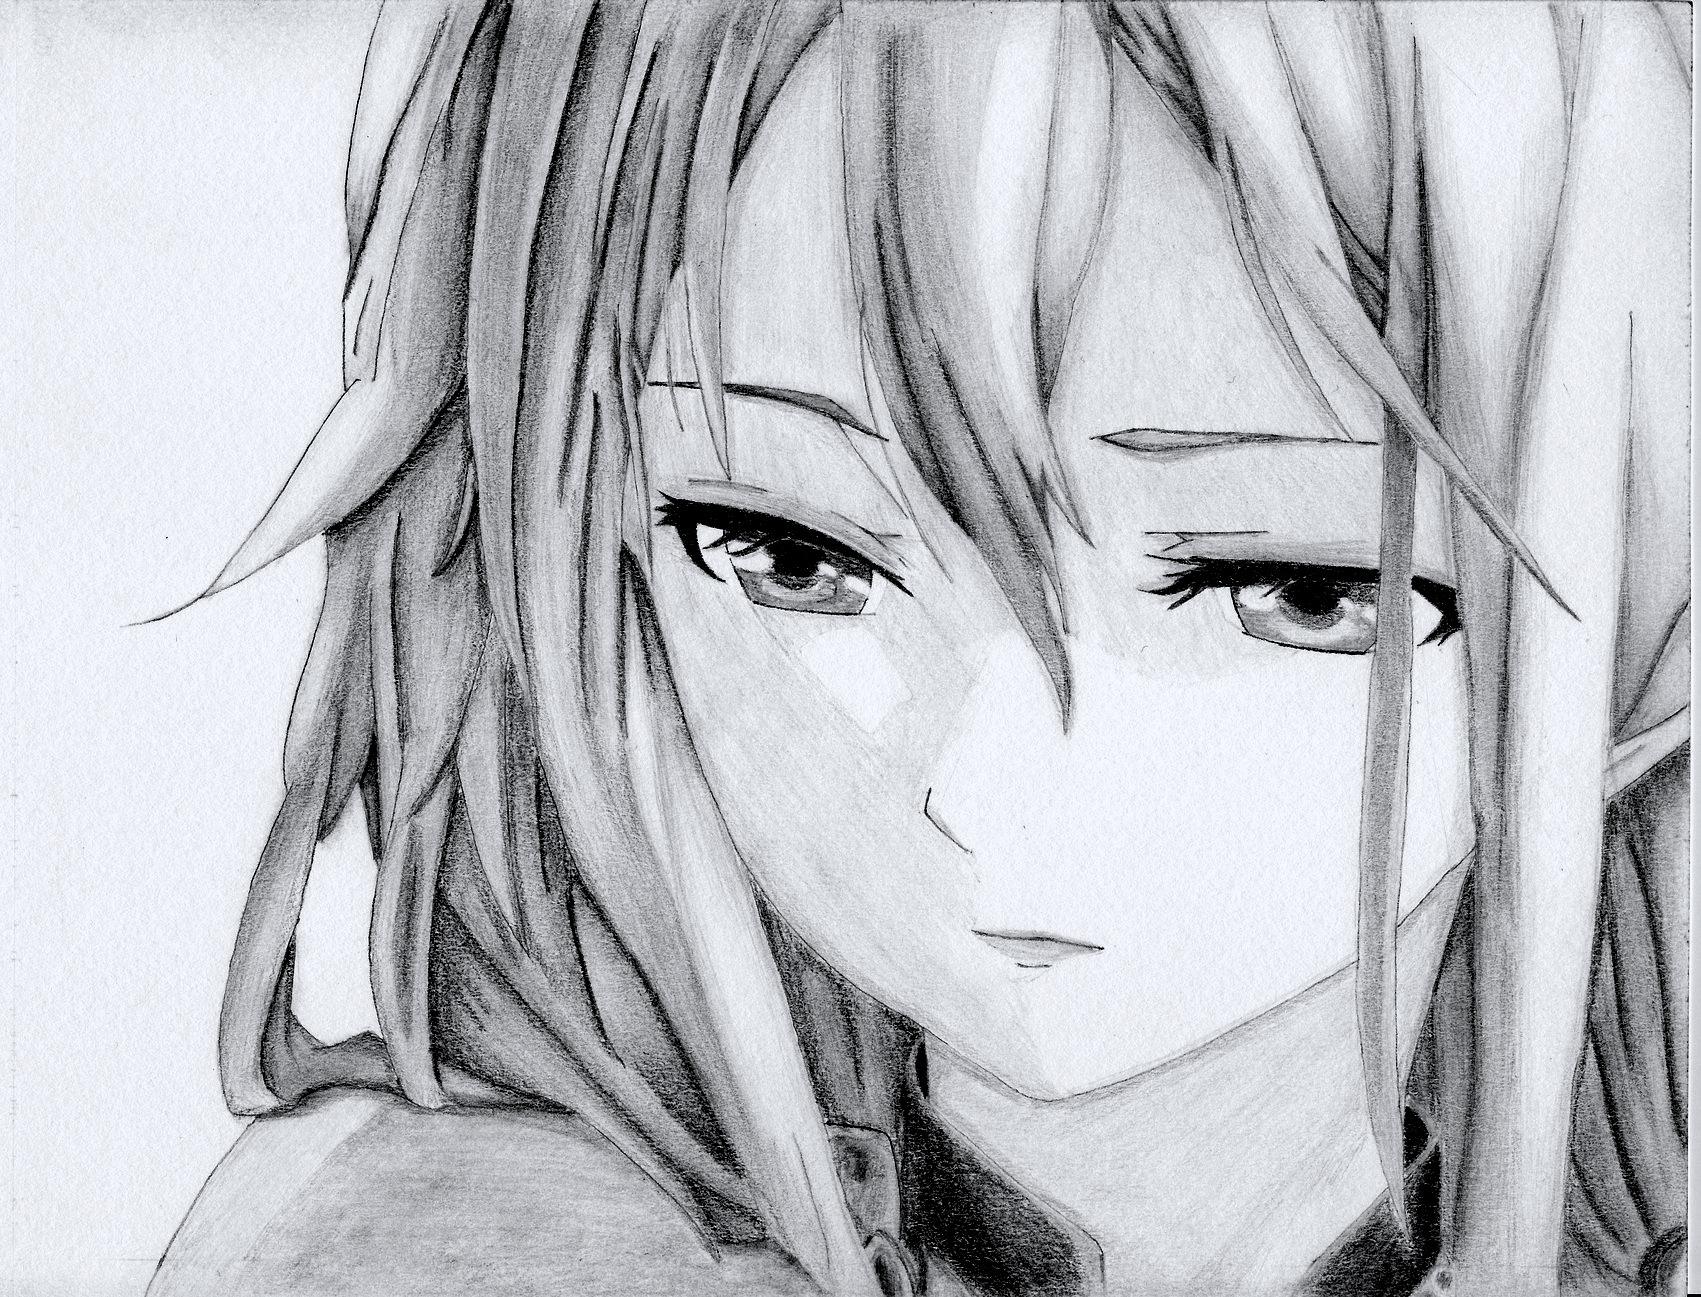 Inori Yuzuriha by rediceRyan2 on DeviantArt